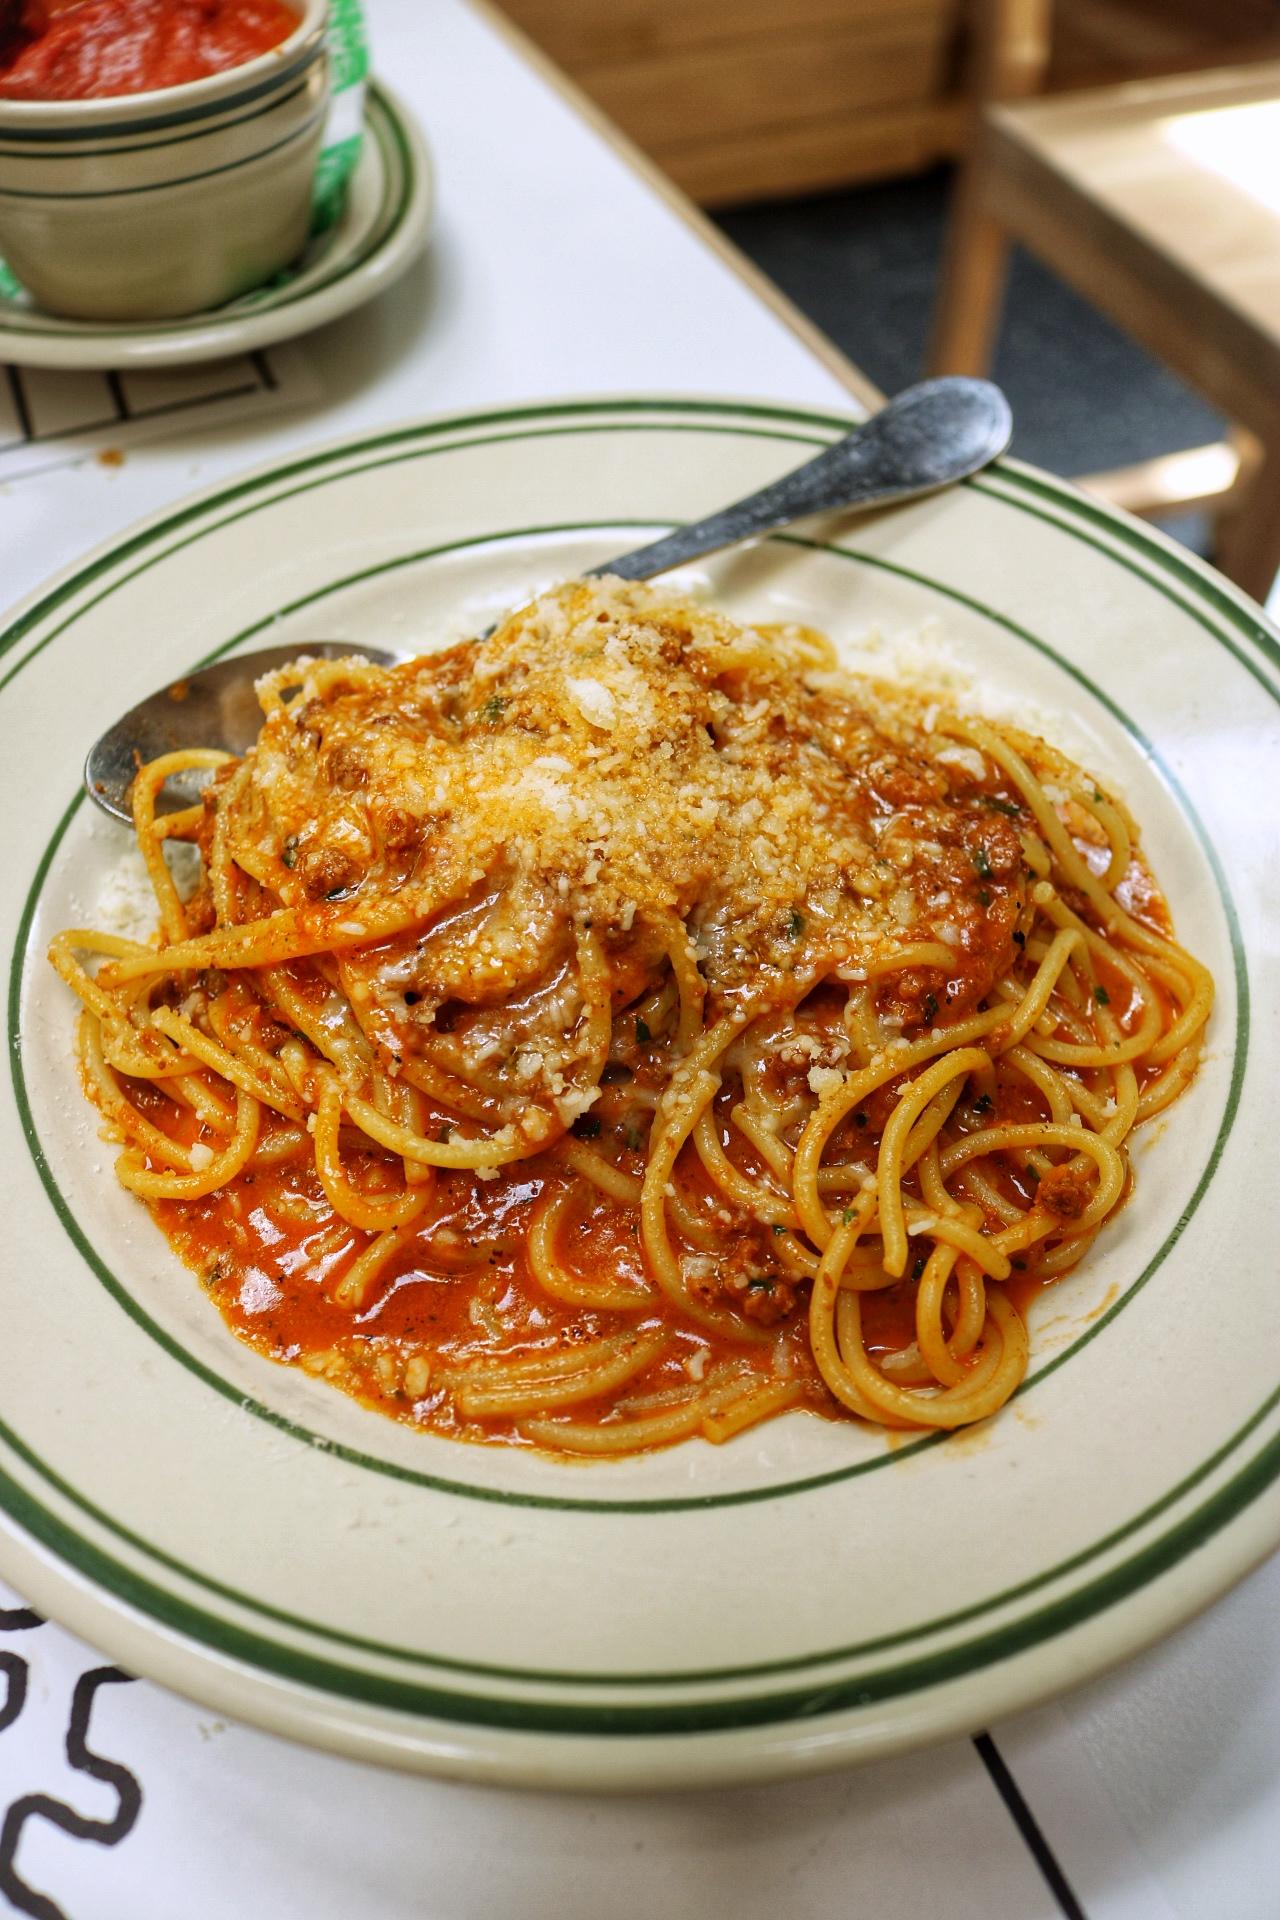 Jon & Vinny's - Bolognese